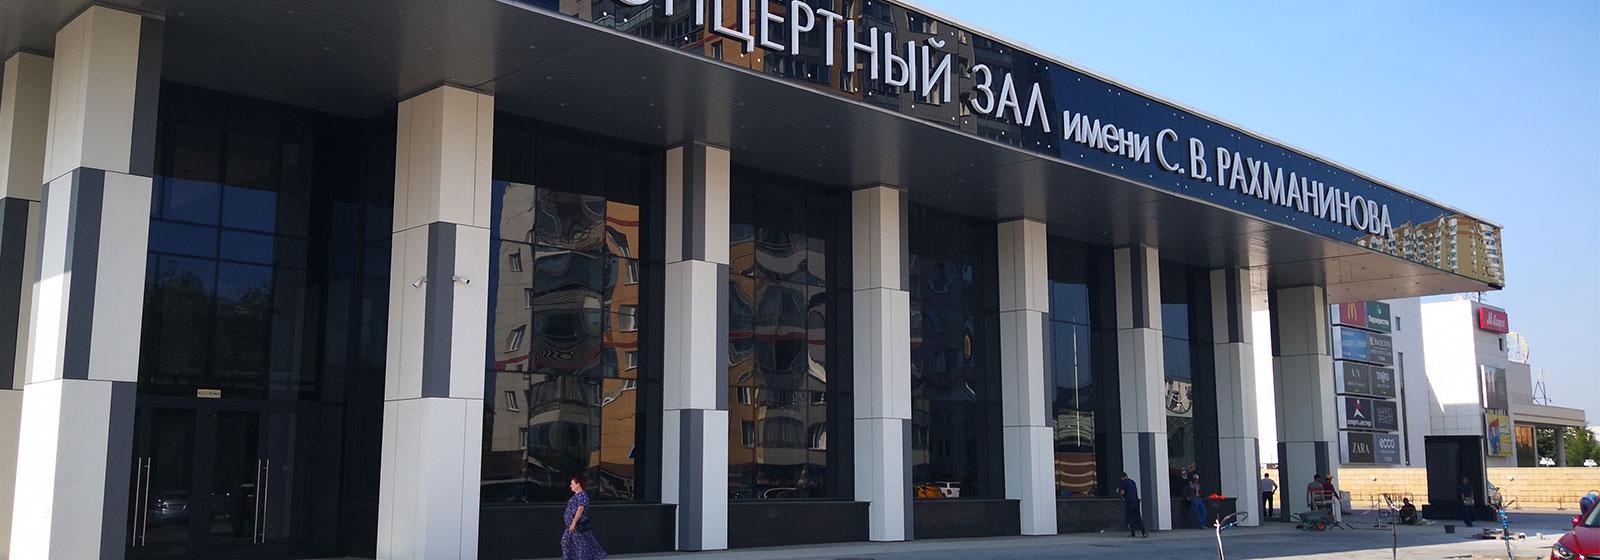 Rachmaninow Concert Hall, Moscow